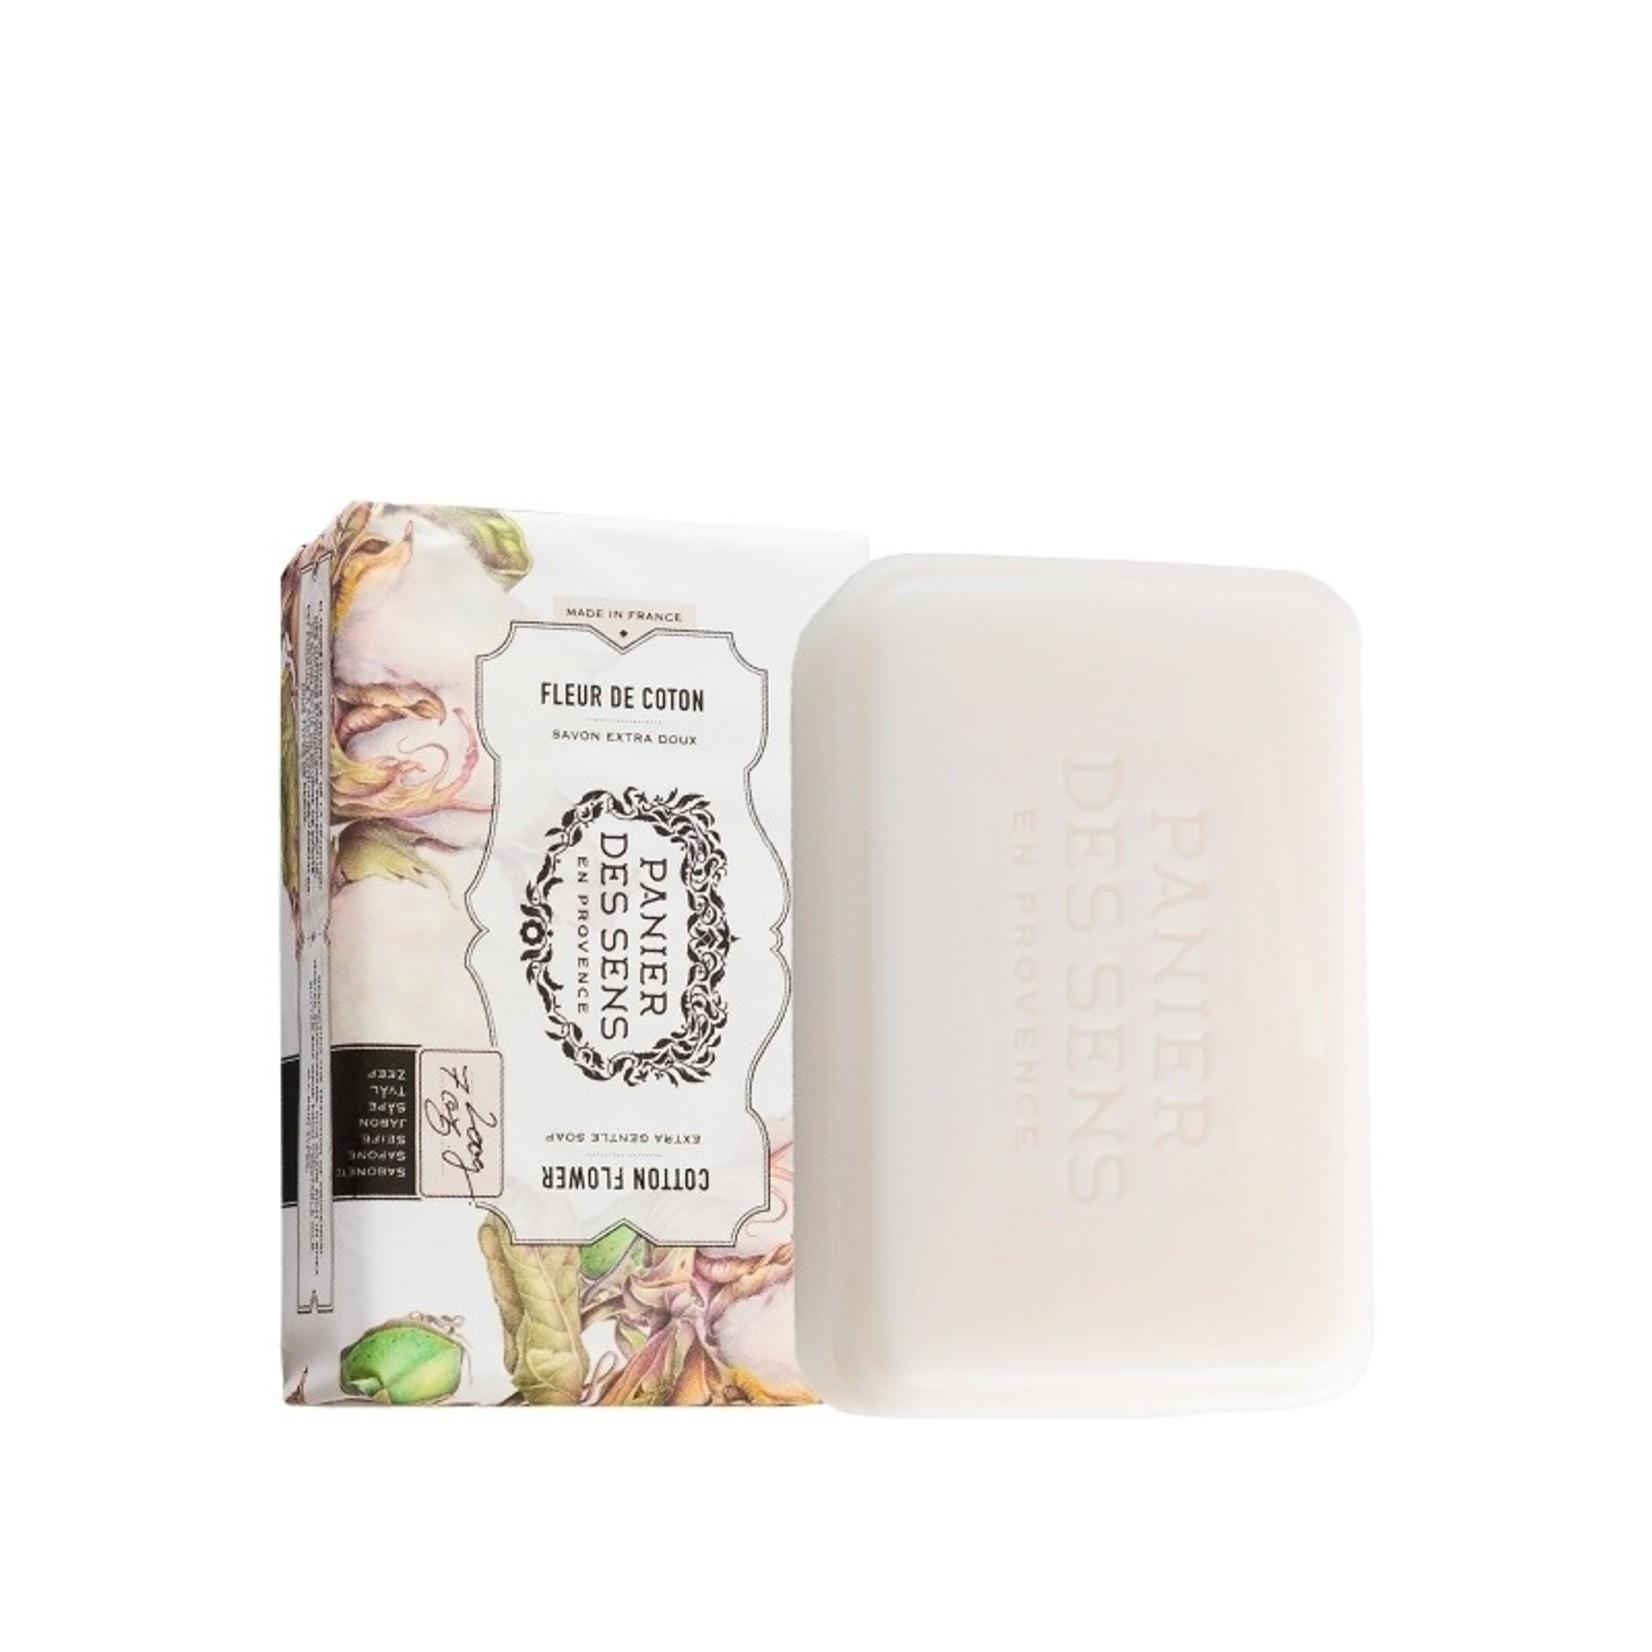 Panier Des Sens Extra-Soft Vegetable Soap